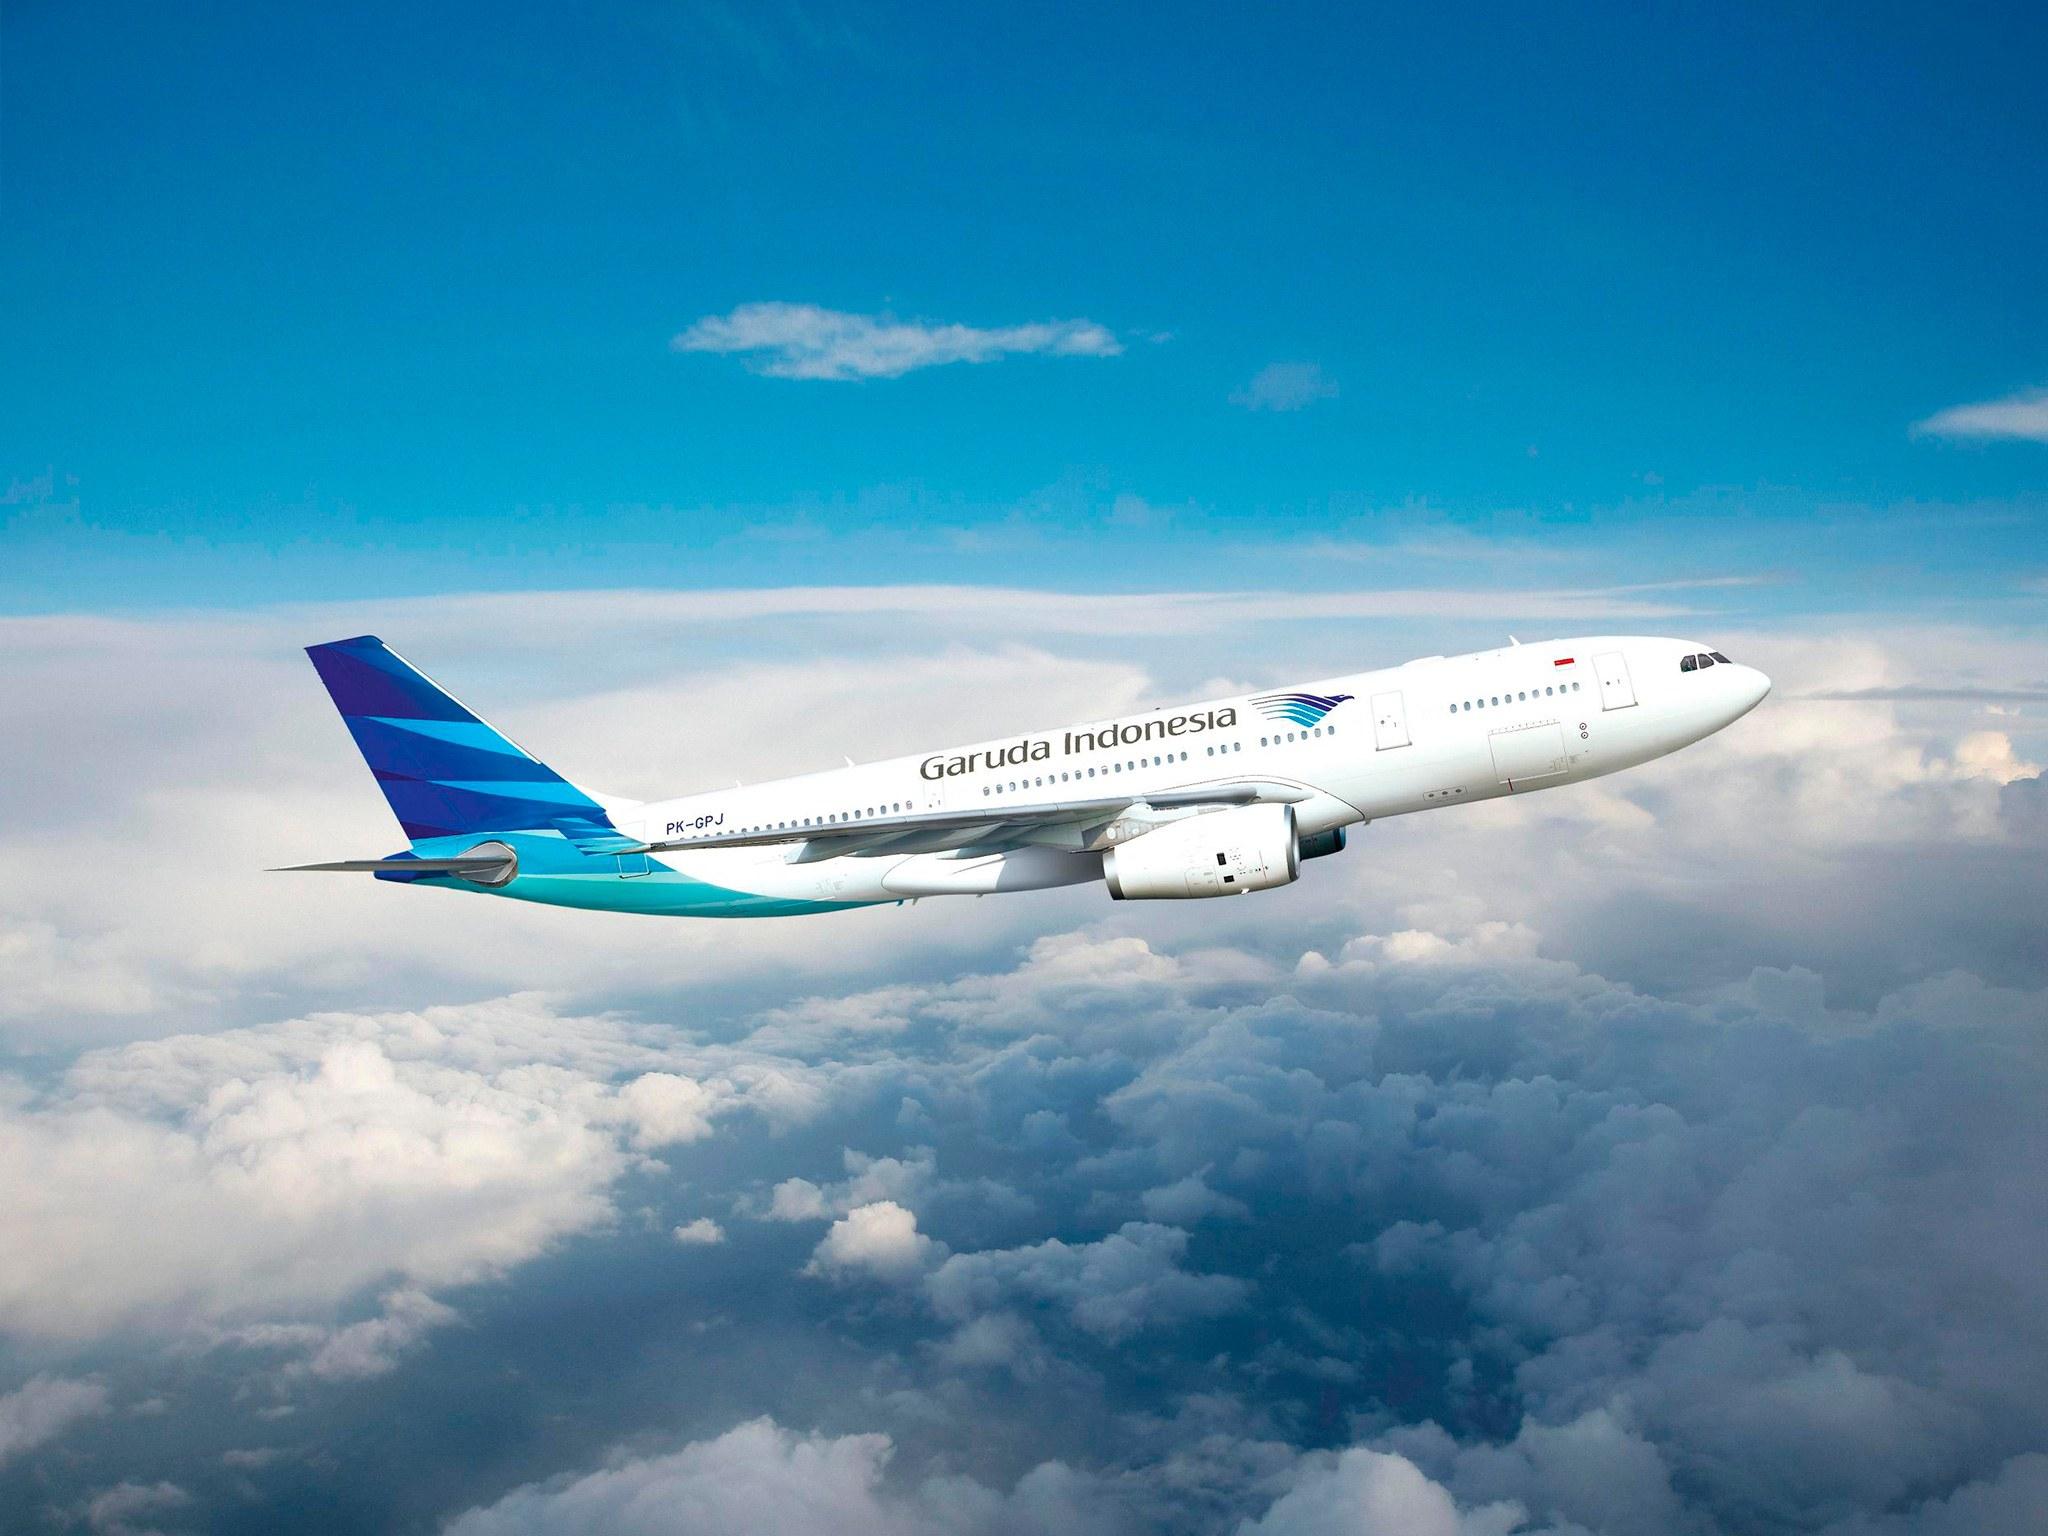 Авиакомпания Garuda Indonesia планирует запустить рейс Москва-Бали